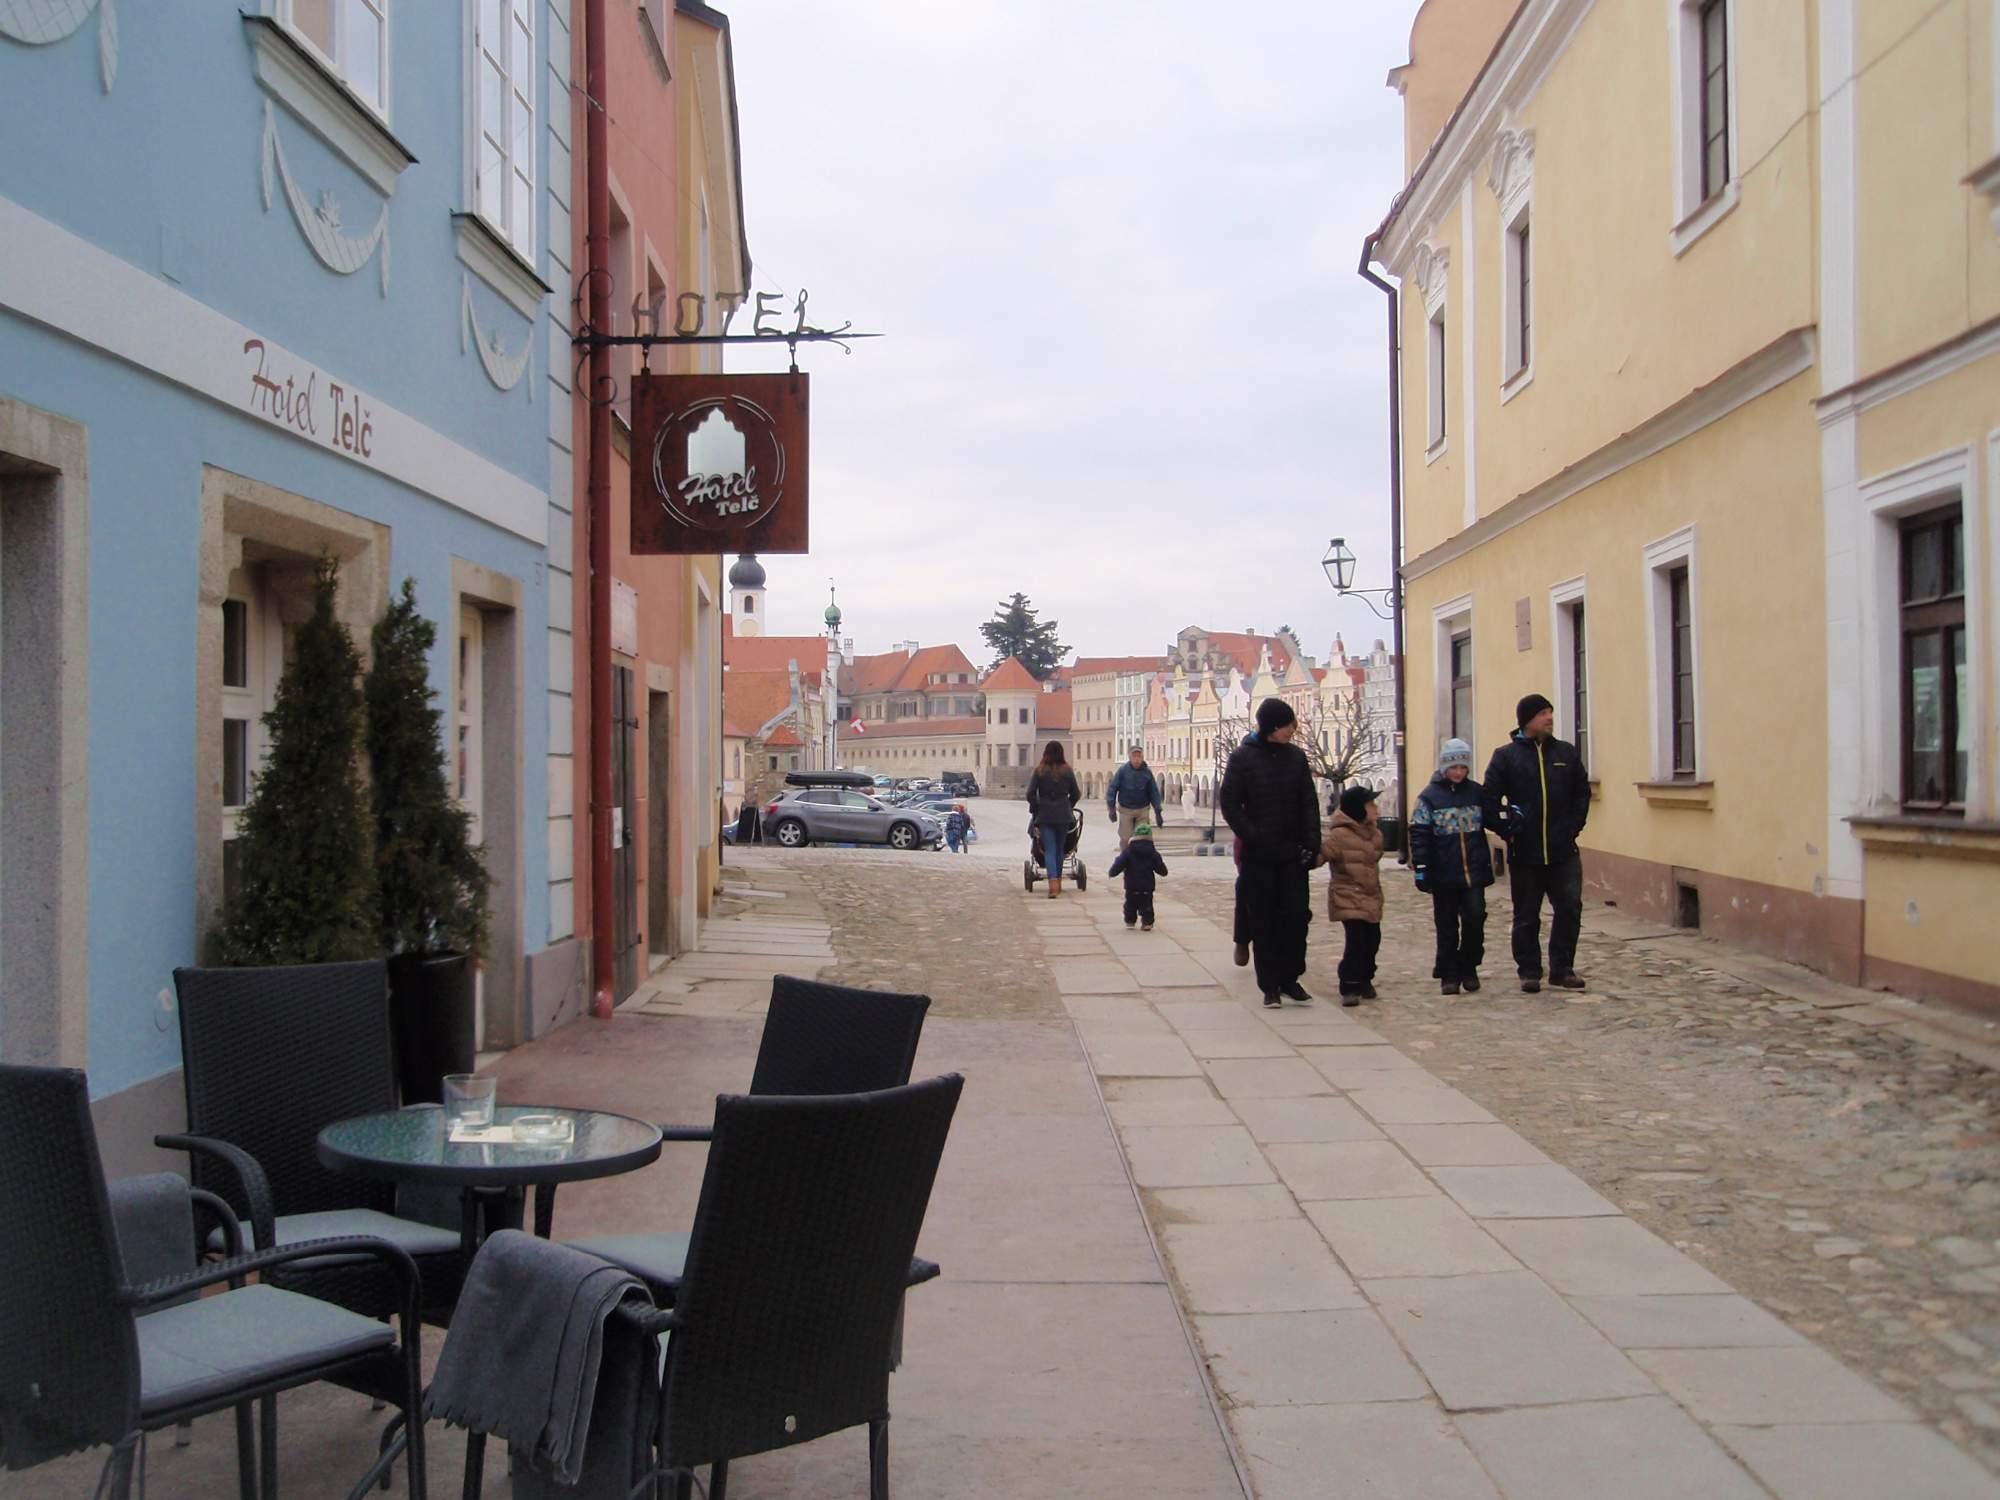 V Telči turisté zahájili sezónu 1.dubna, kdy kastelán Bohumil Norek odemkl zámeckou bránu. Foto: Marie Majdičová